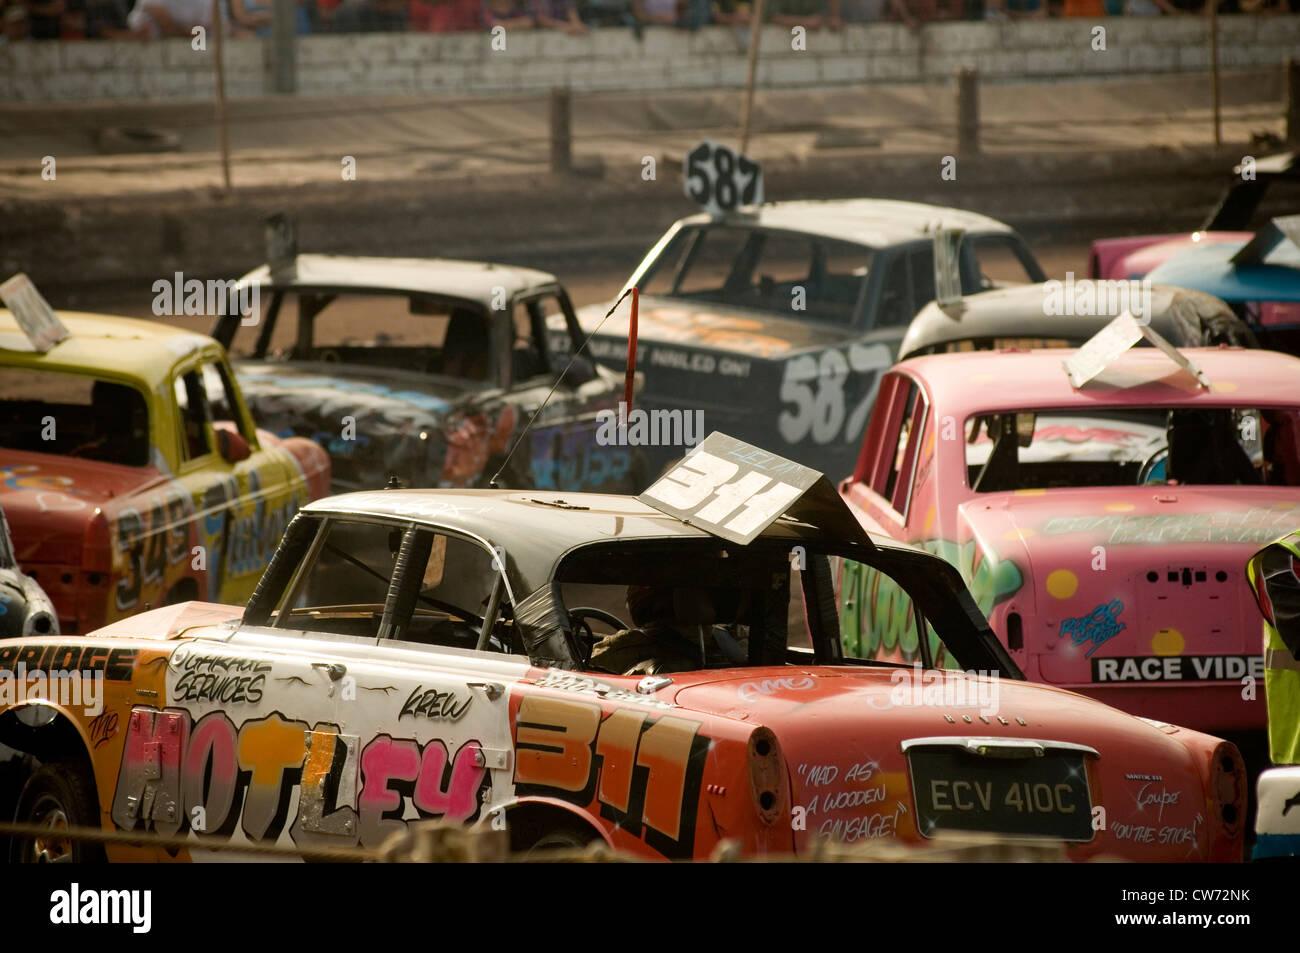 demolition derby destruction banger racing stock car cars. Black Bedroom Furniture Sets. Home Design Ideas